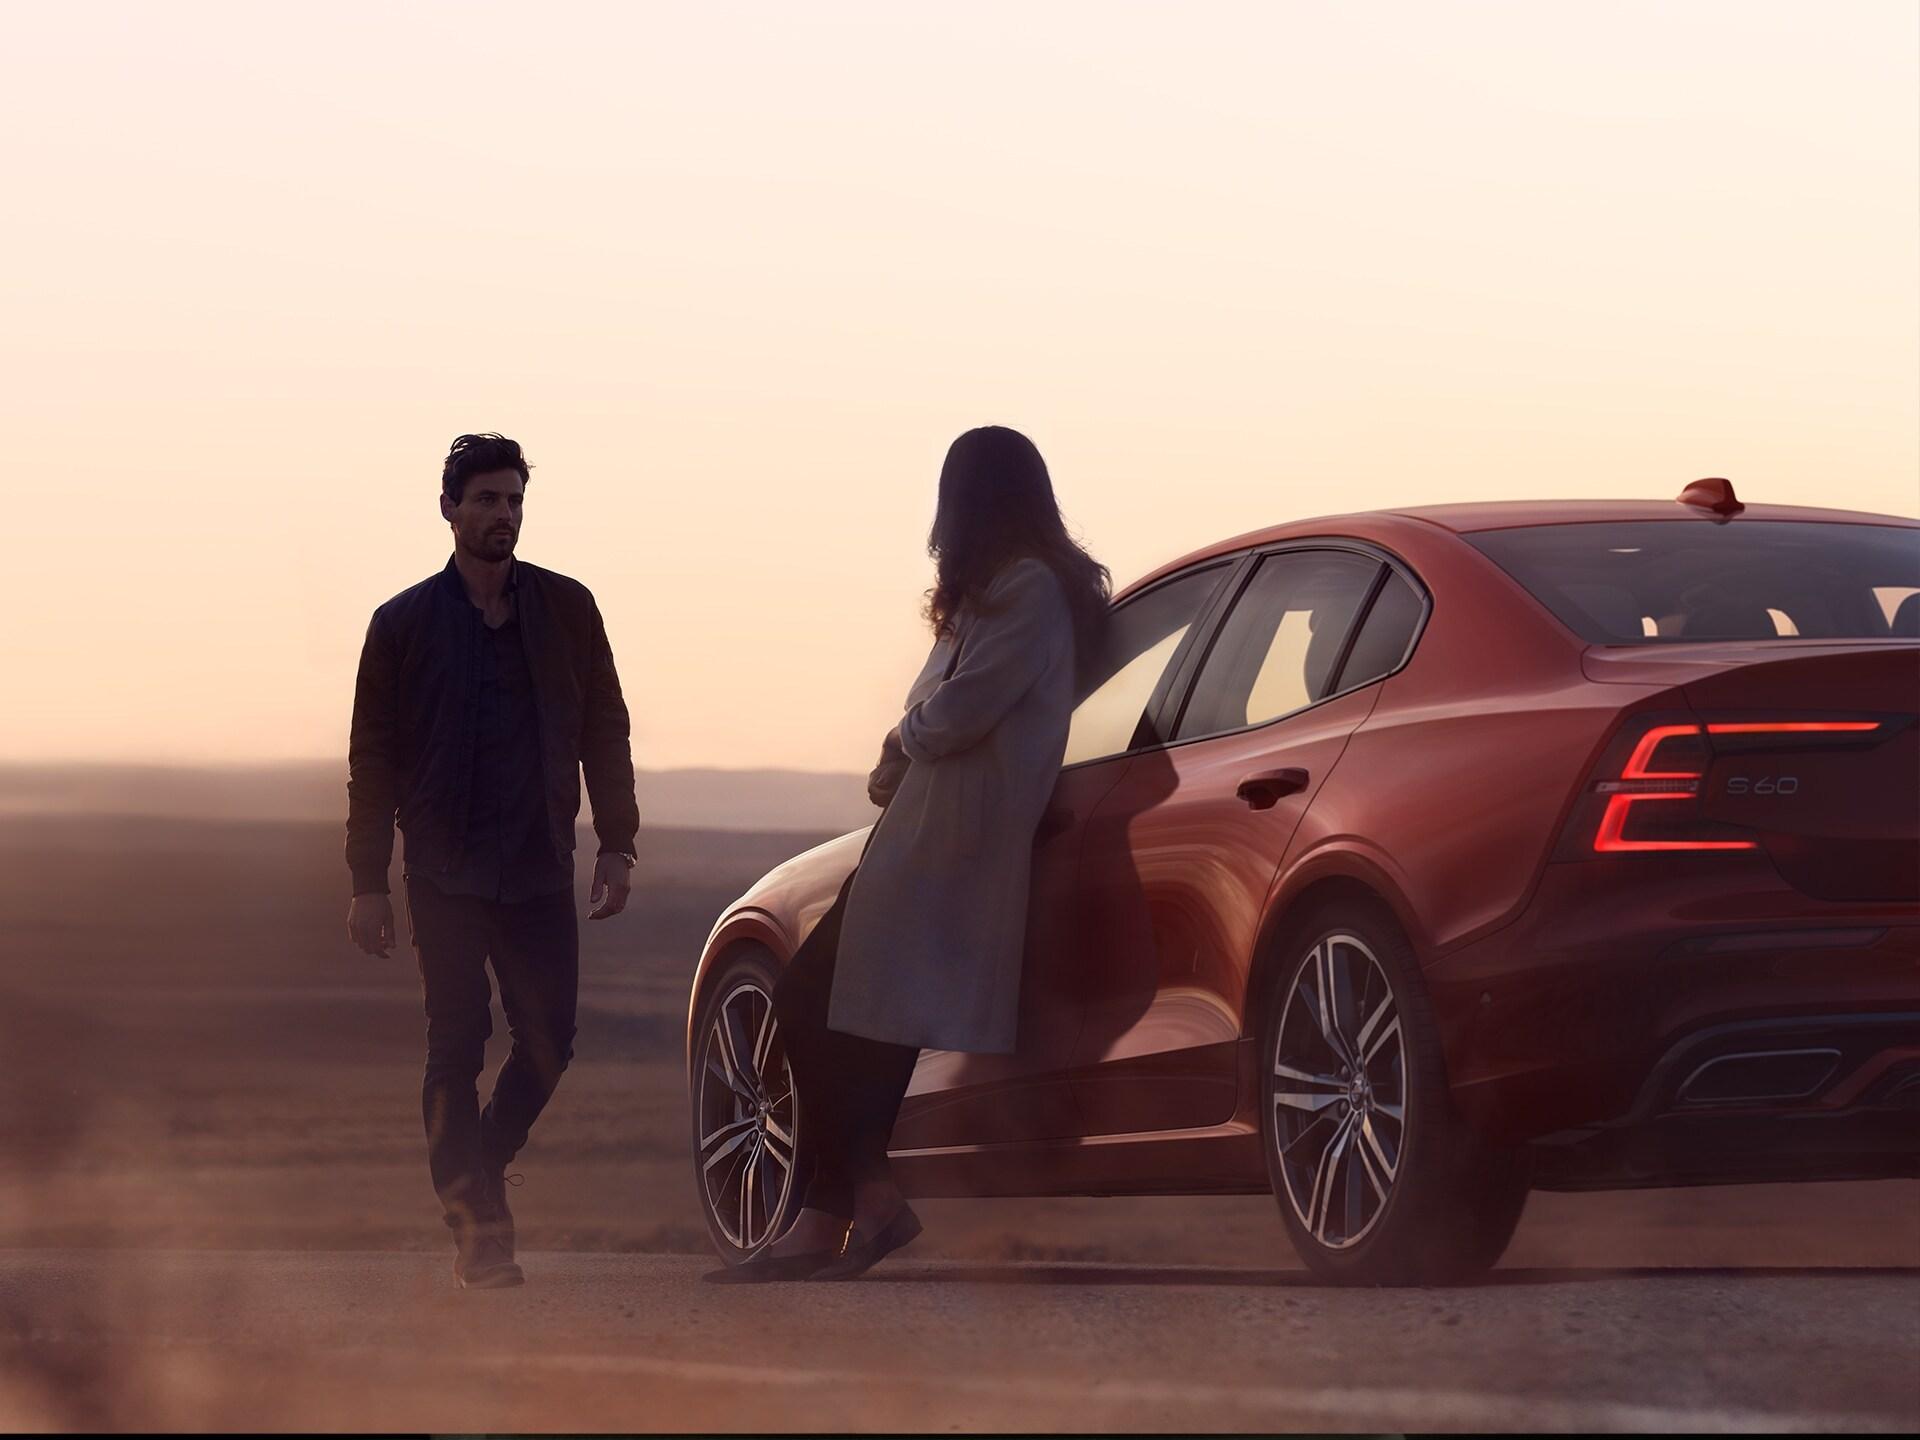 Un hombre y una mujer están de pie cerca de su S60 rojo, es el atardecer